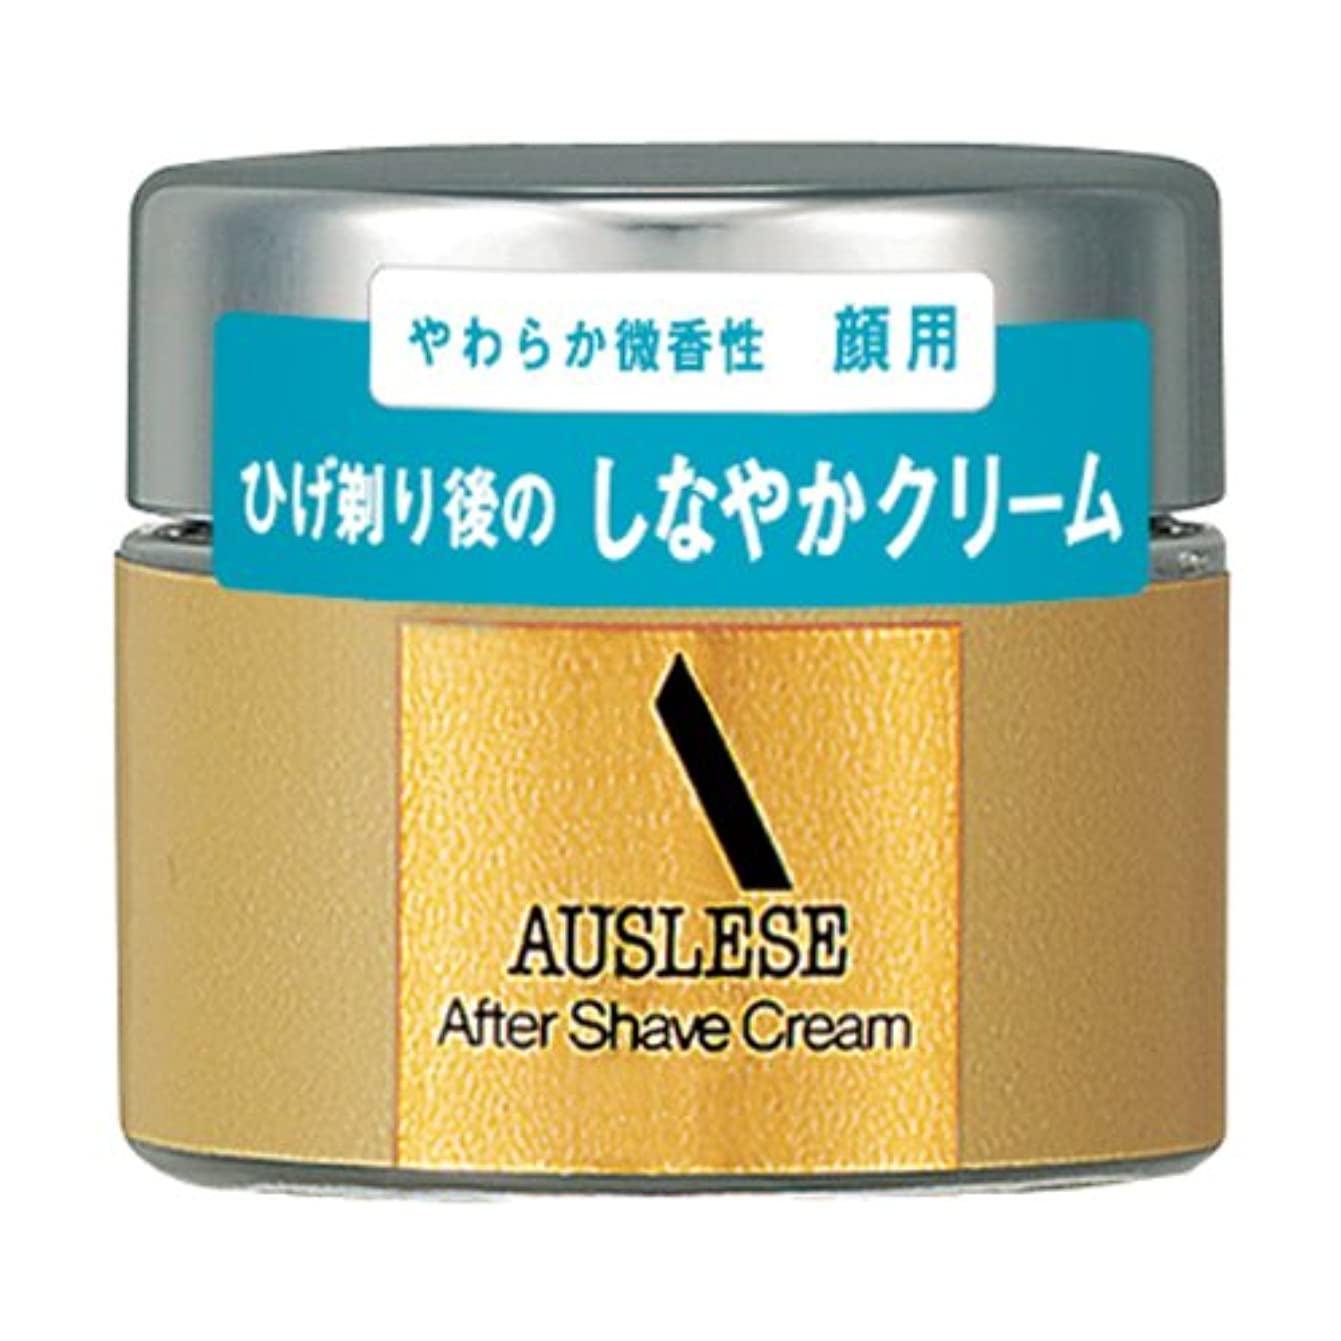 タッチ靴不誠実アウスレーゼ アフターシェーブクリームNA 30g 【医薬部外品】